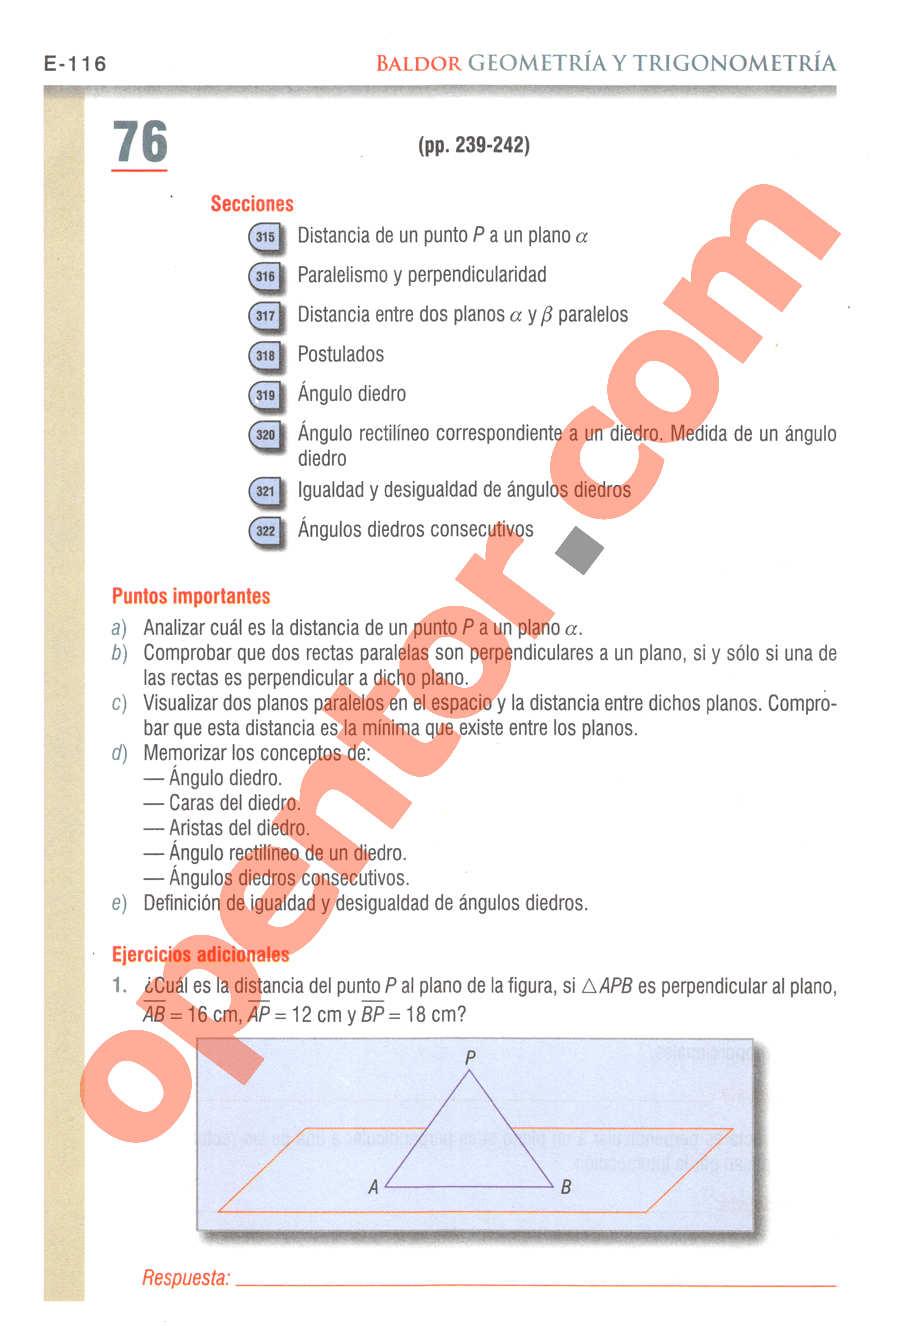 Geometría y Trigonometría de Baldor - Página E116